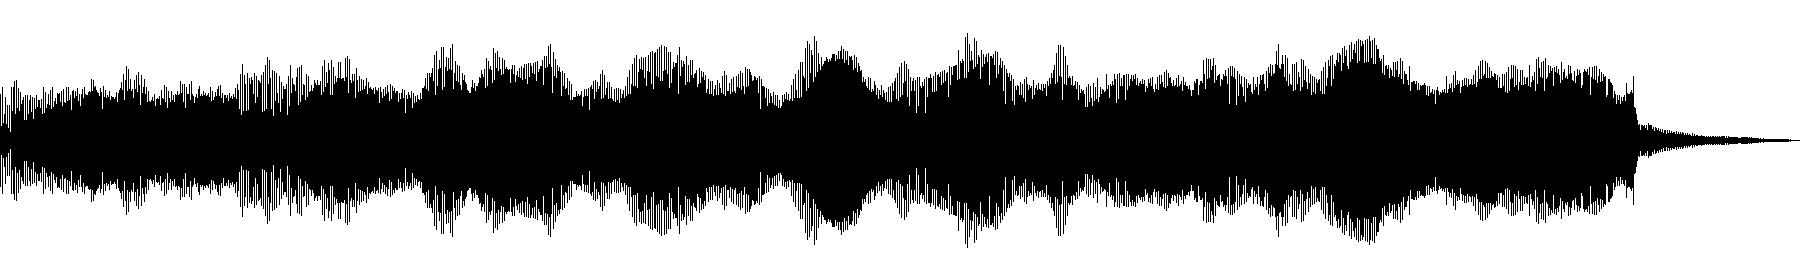 veh2 synths   118 c